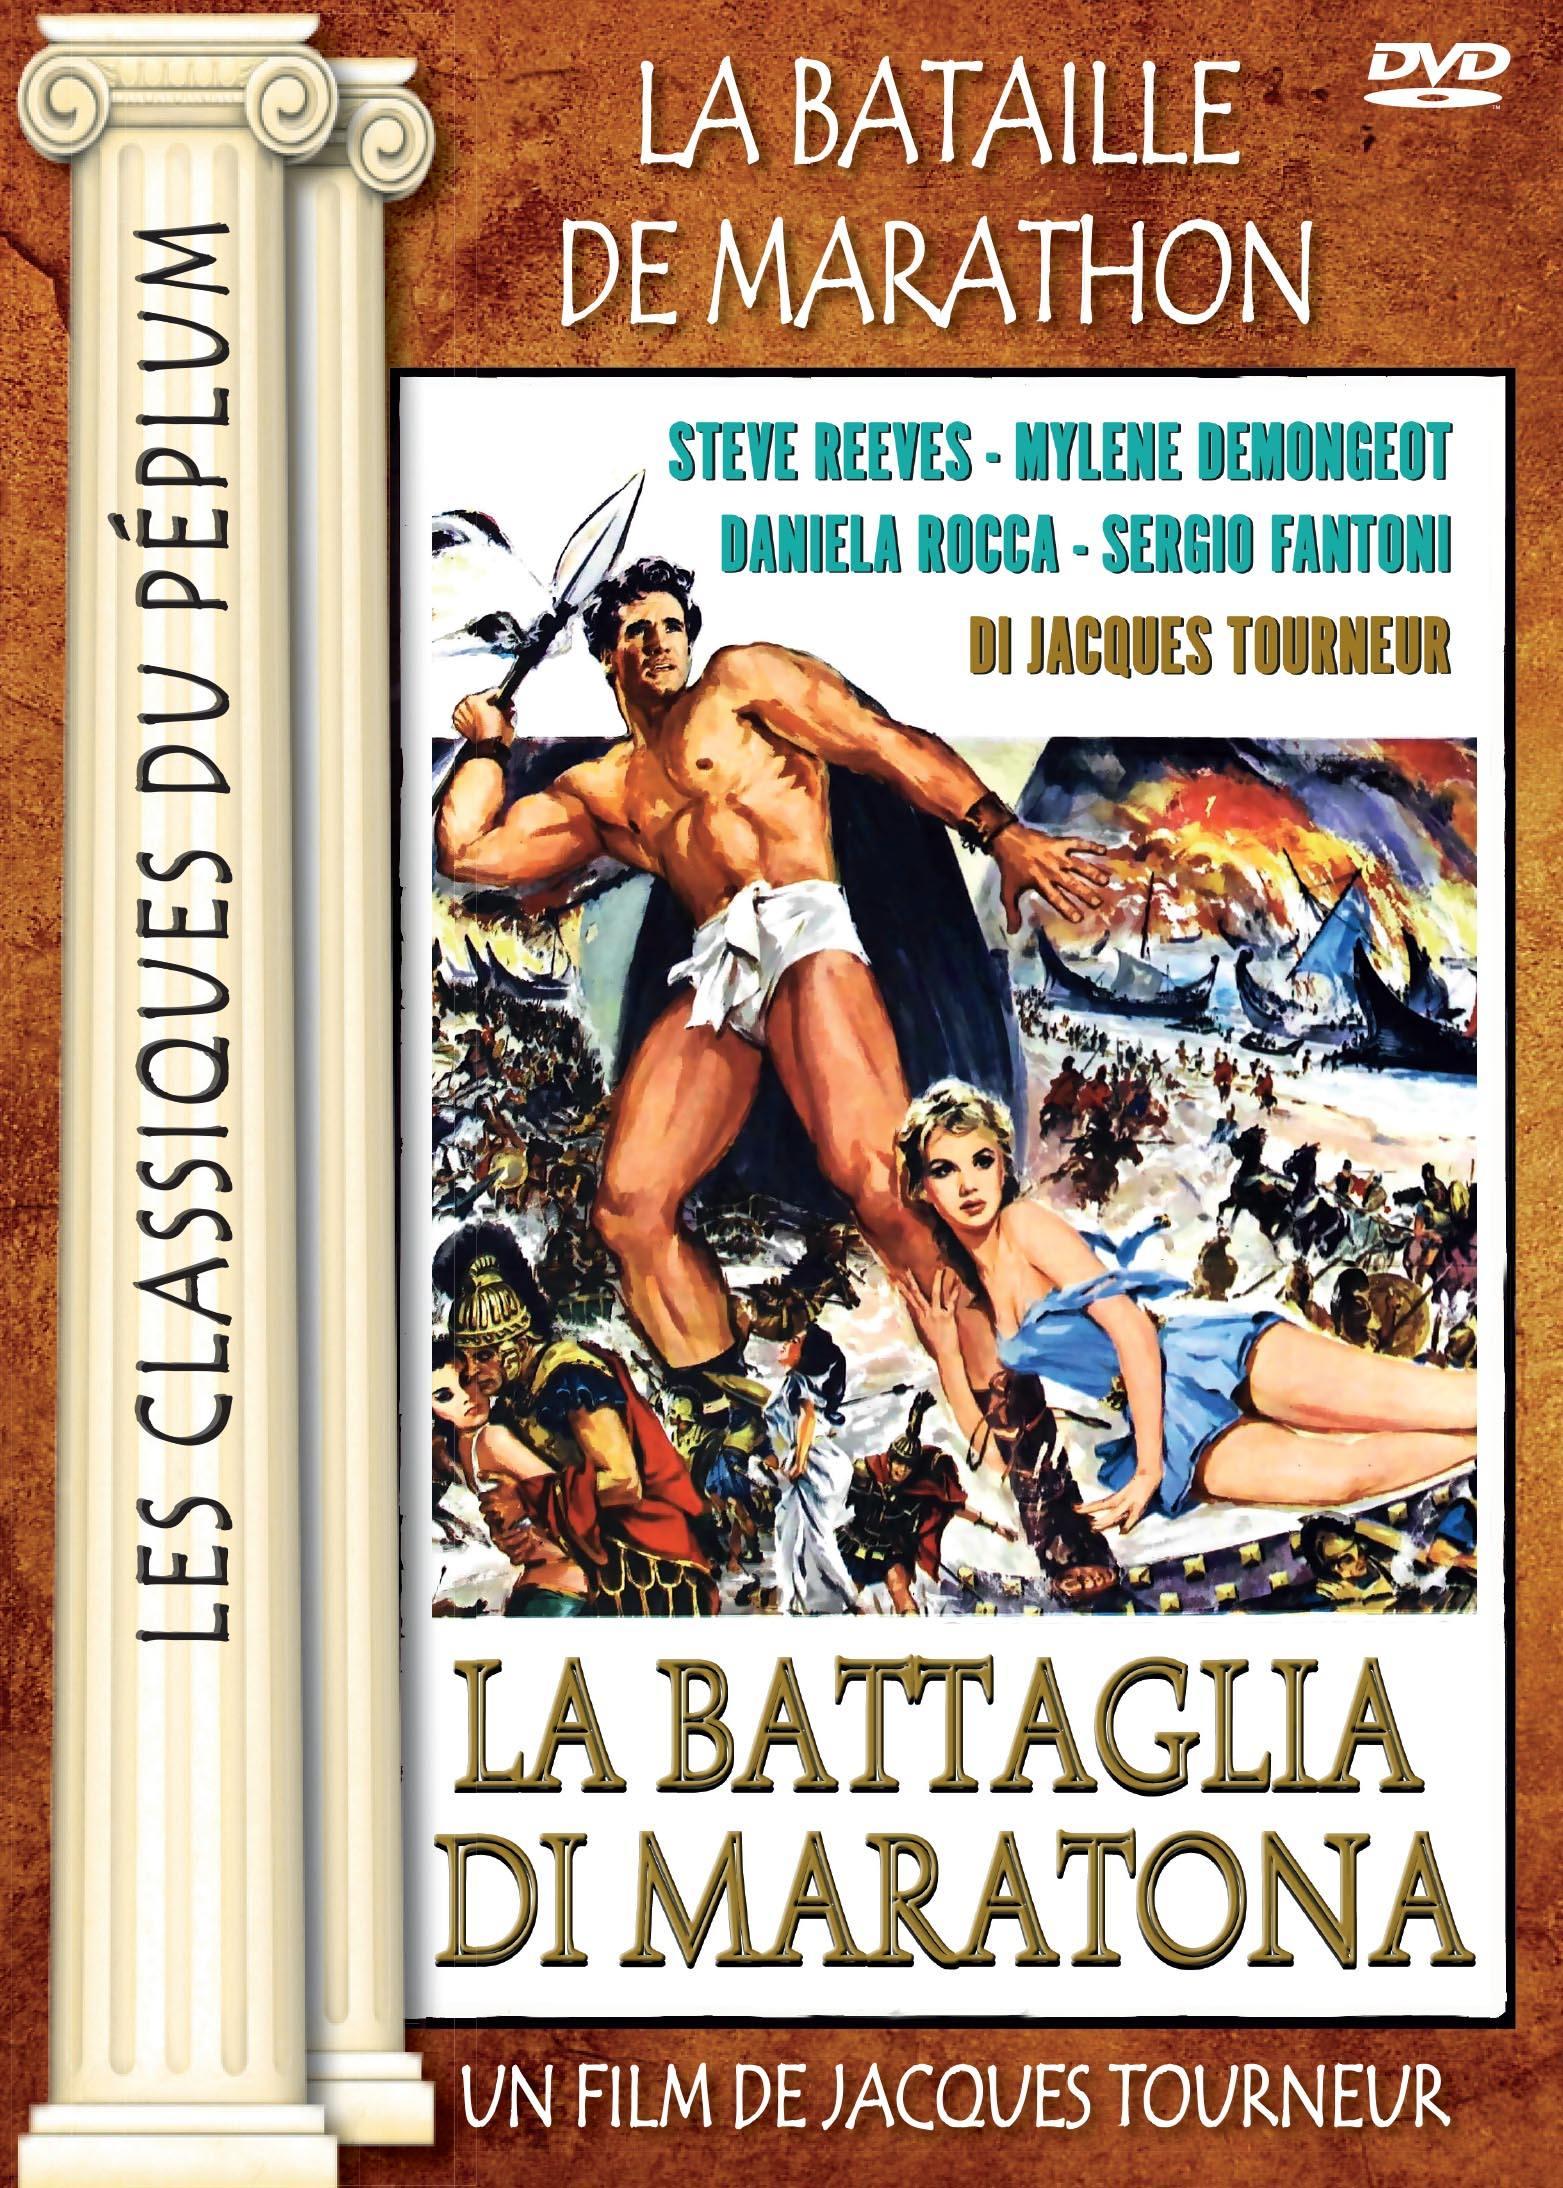 Bataille de marathon (la) - dvd